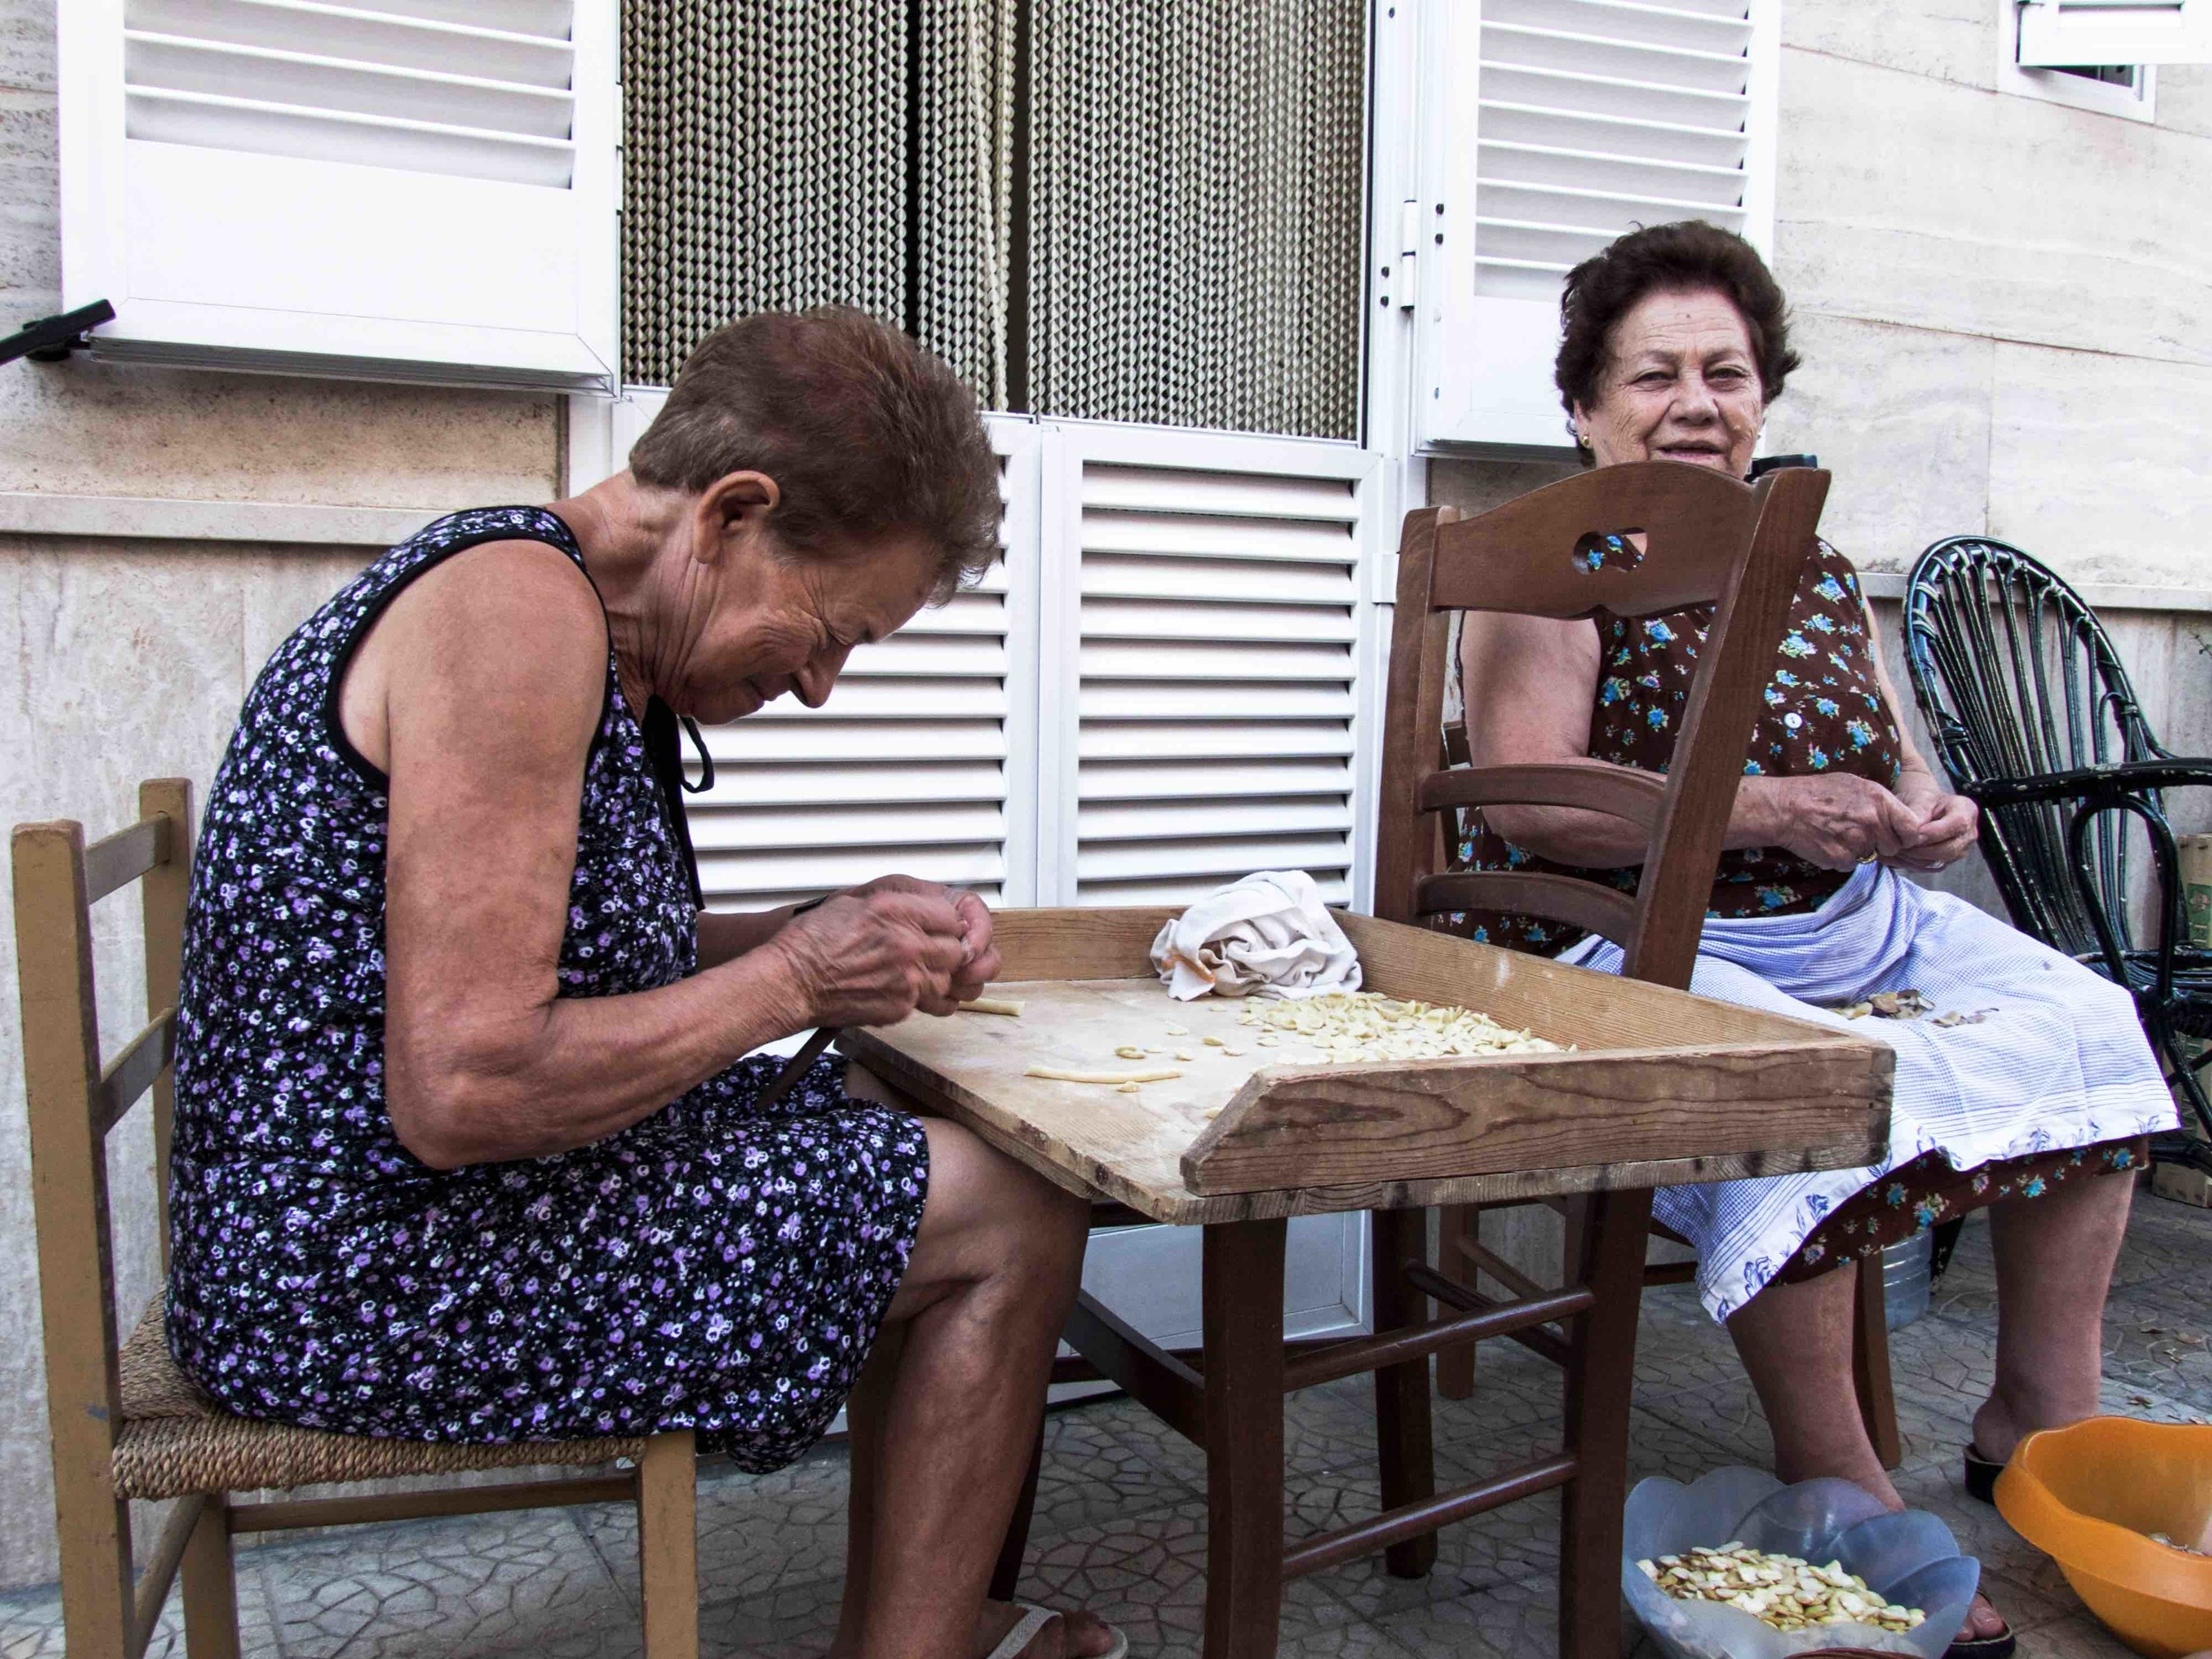 Nonna making orecchiette for her grandchildren